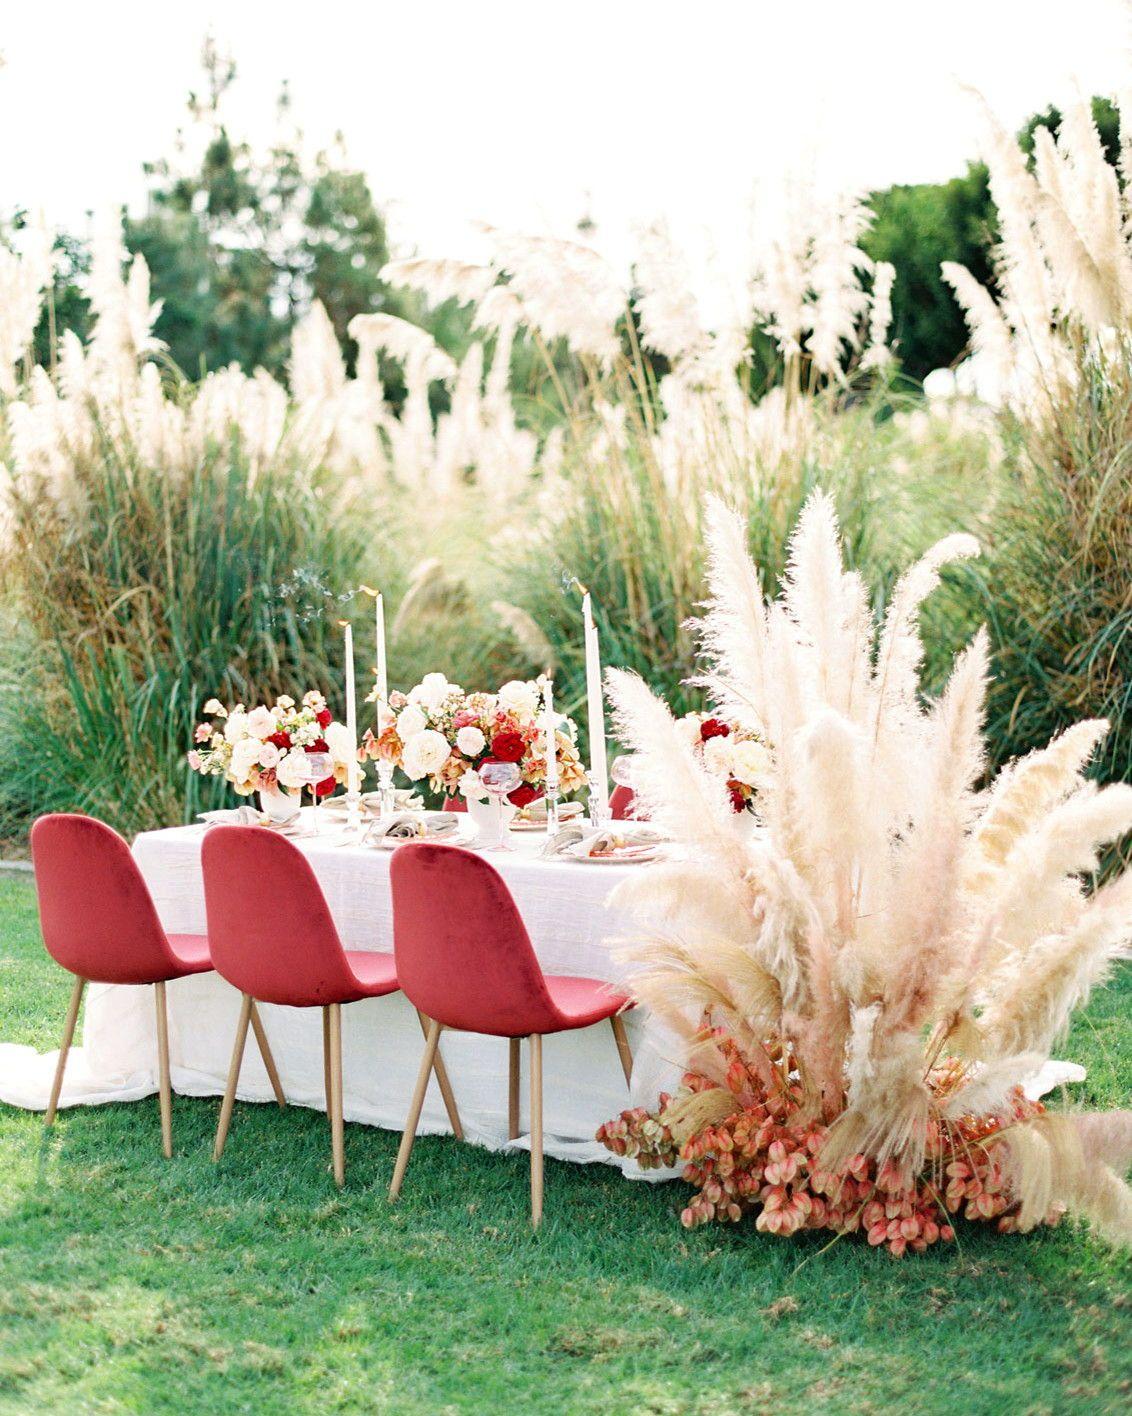 Trending Now Pampas Grass Wedding Ideas Grass Wedding Holiday Wedding Inspiration Wedding Table Centerpieces